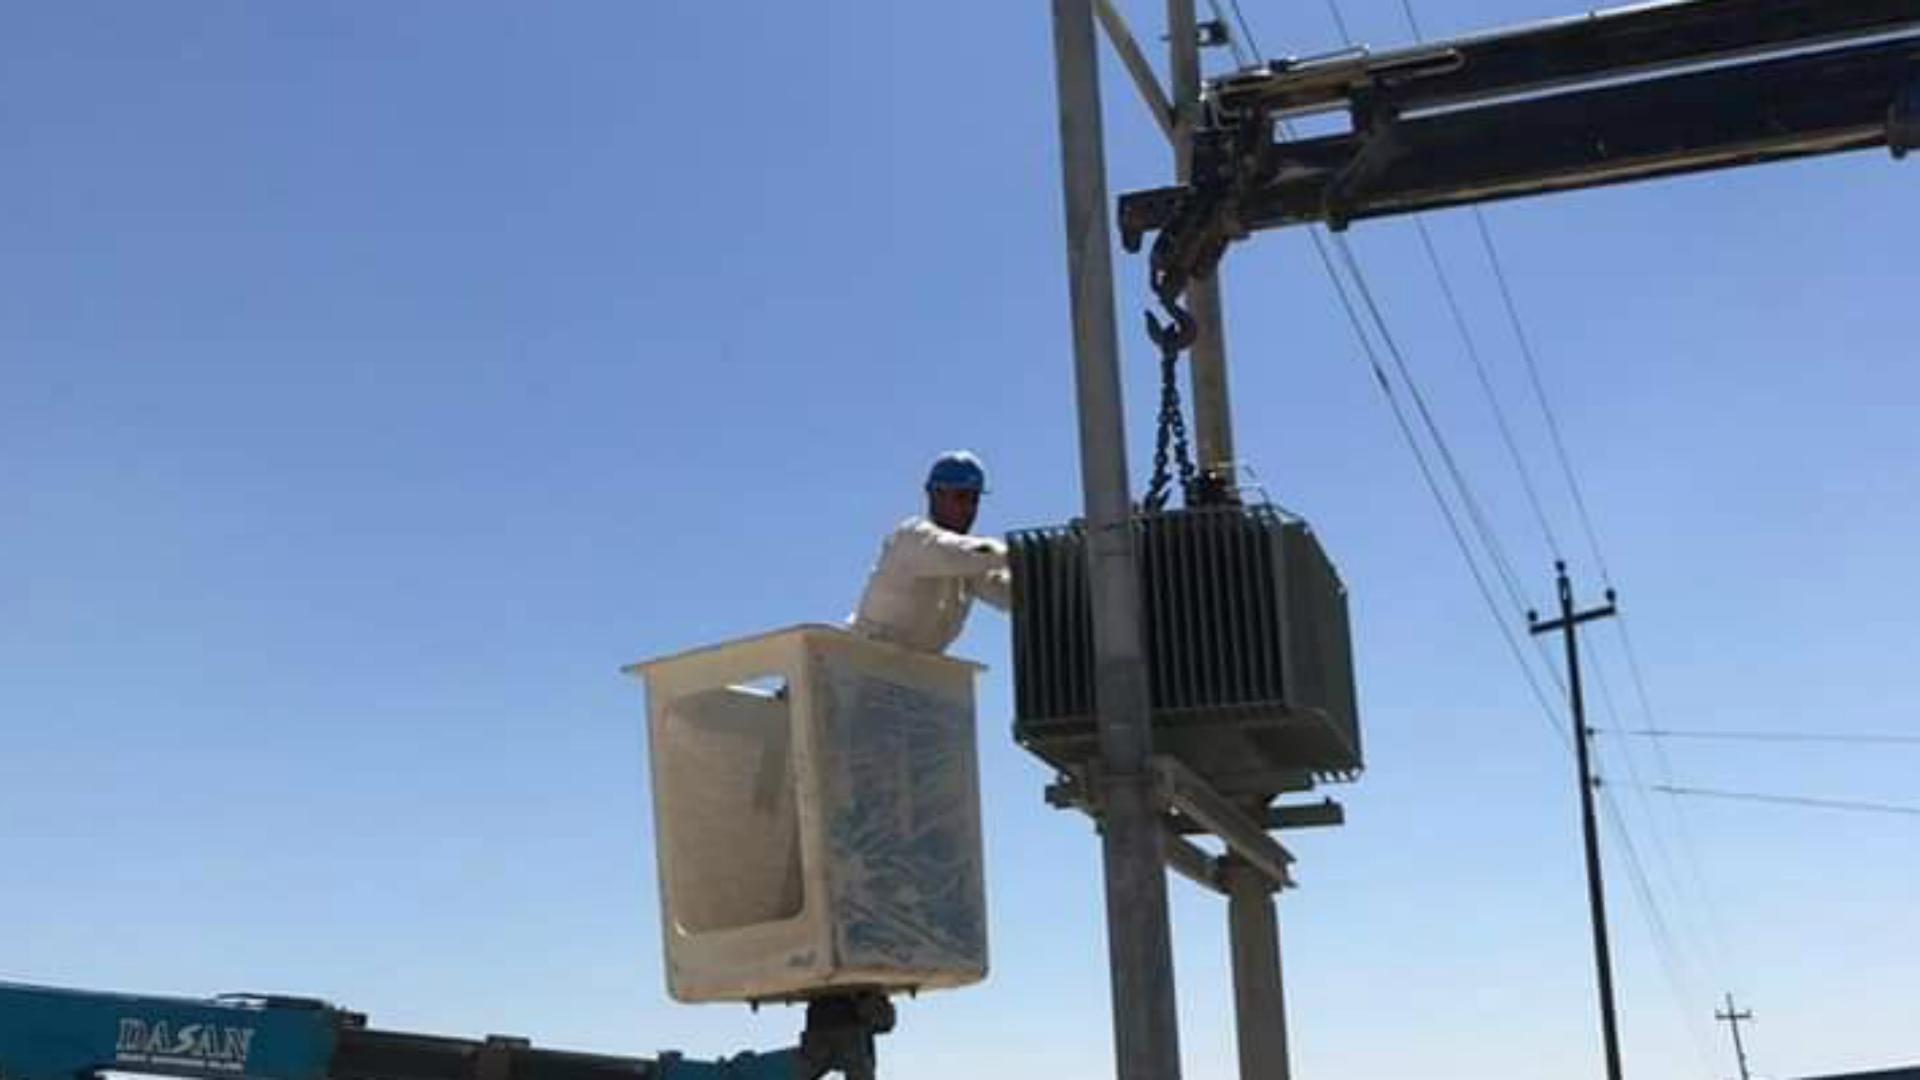 دائرة توزيع كهرباء المثنى تعلن إنجاز عشرات المشاريع في المحافظة